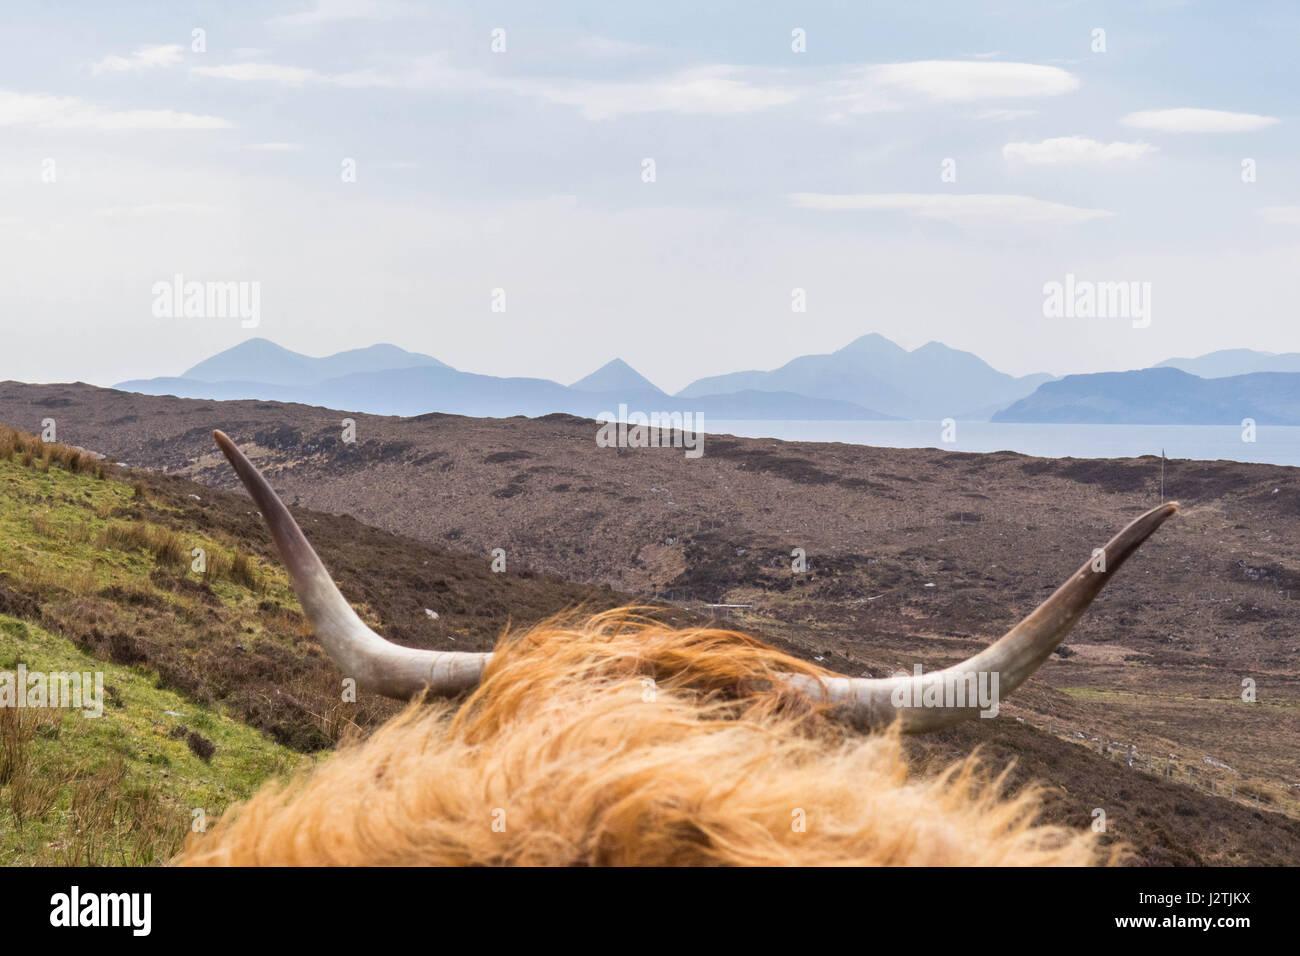 Crisnée, Highlands écossais. 1er mai 2017. UK - une vache highland en regardant vers l'Cuillin sur Photo Stock